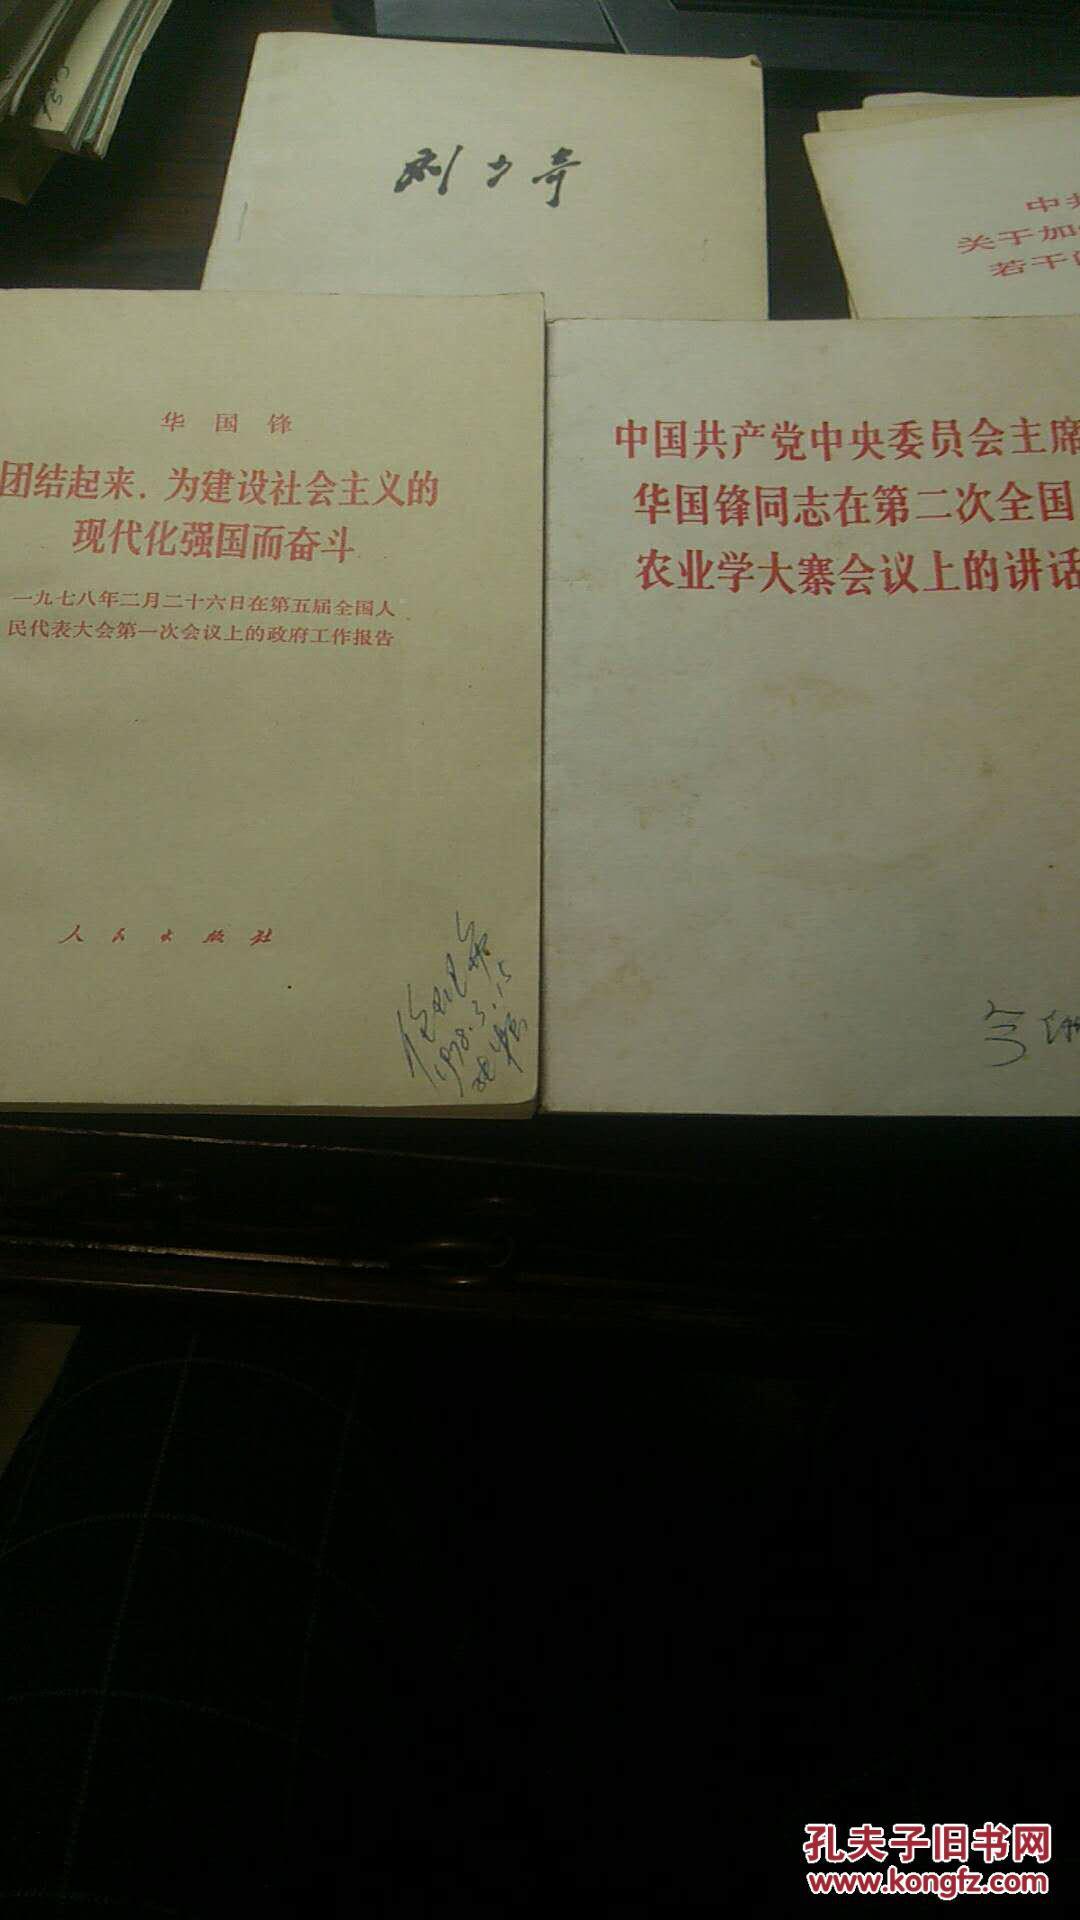 华国锋政府工作报告、农业学大寨讲话(两本合售)